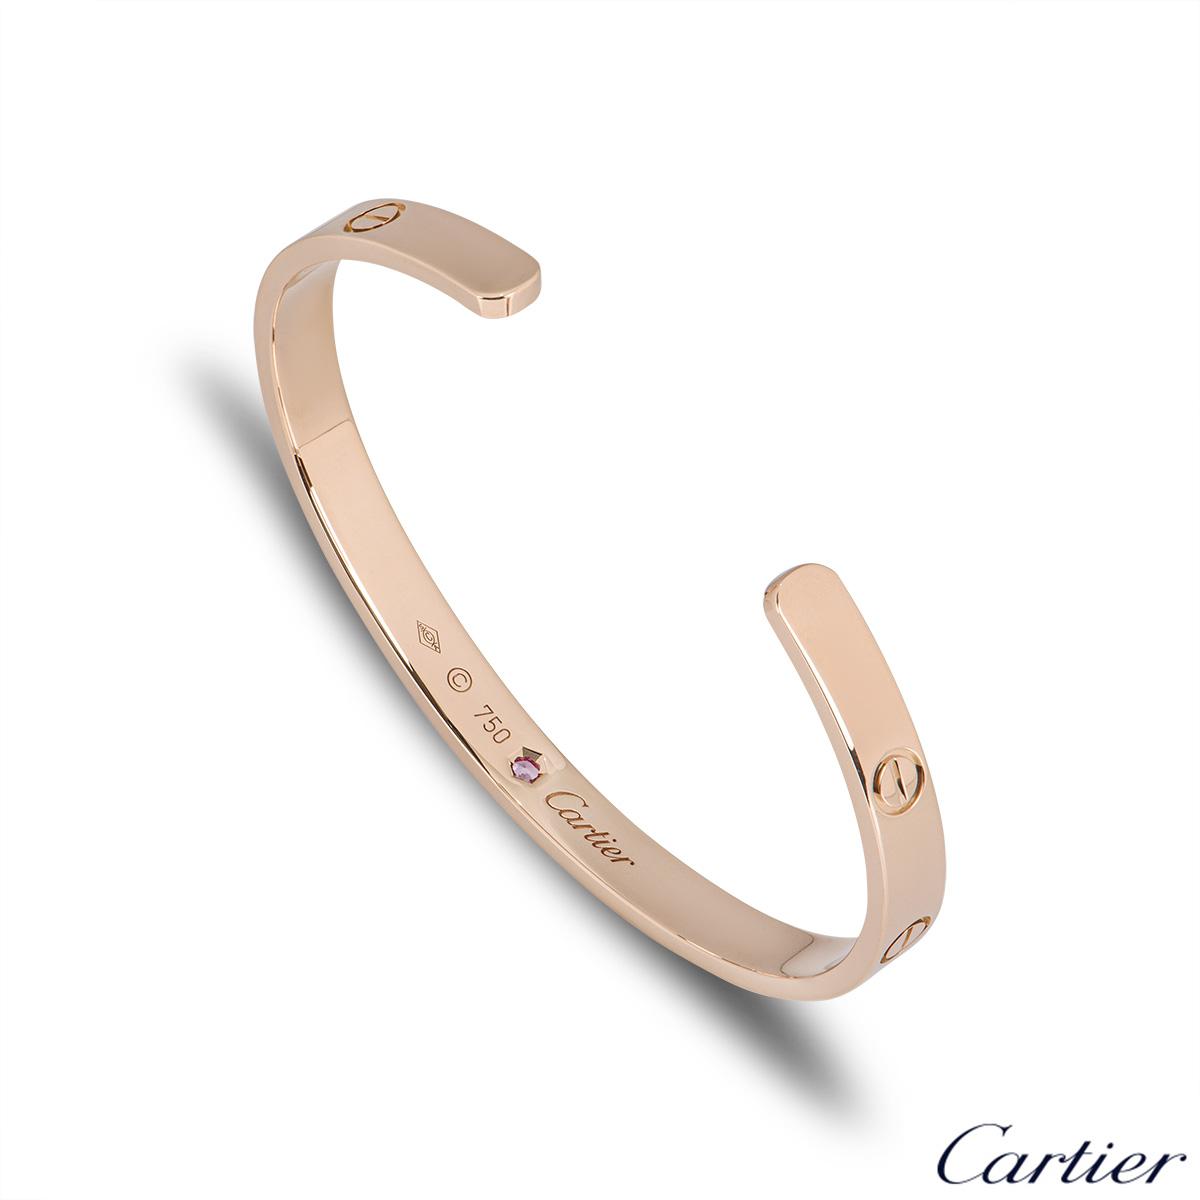 Cartier Rose Gold Pink Sapphire Cuff Love Bracelet Size 18 B6030018